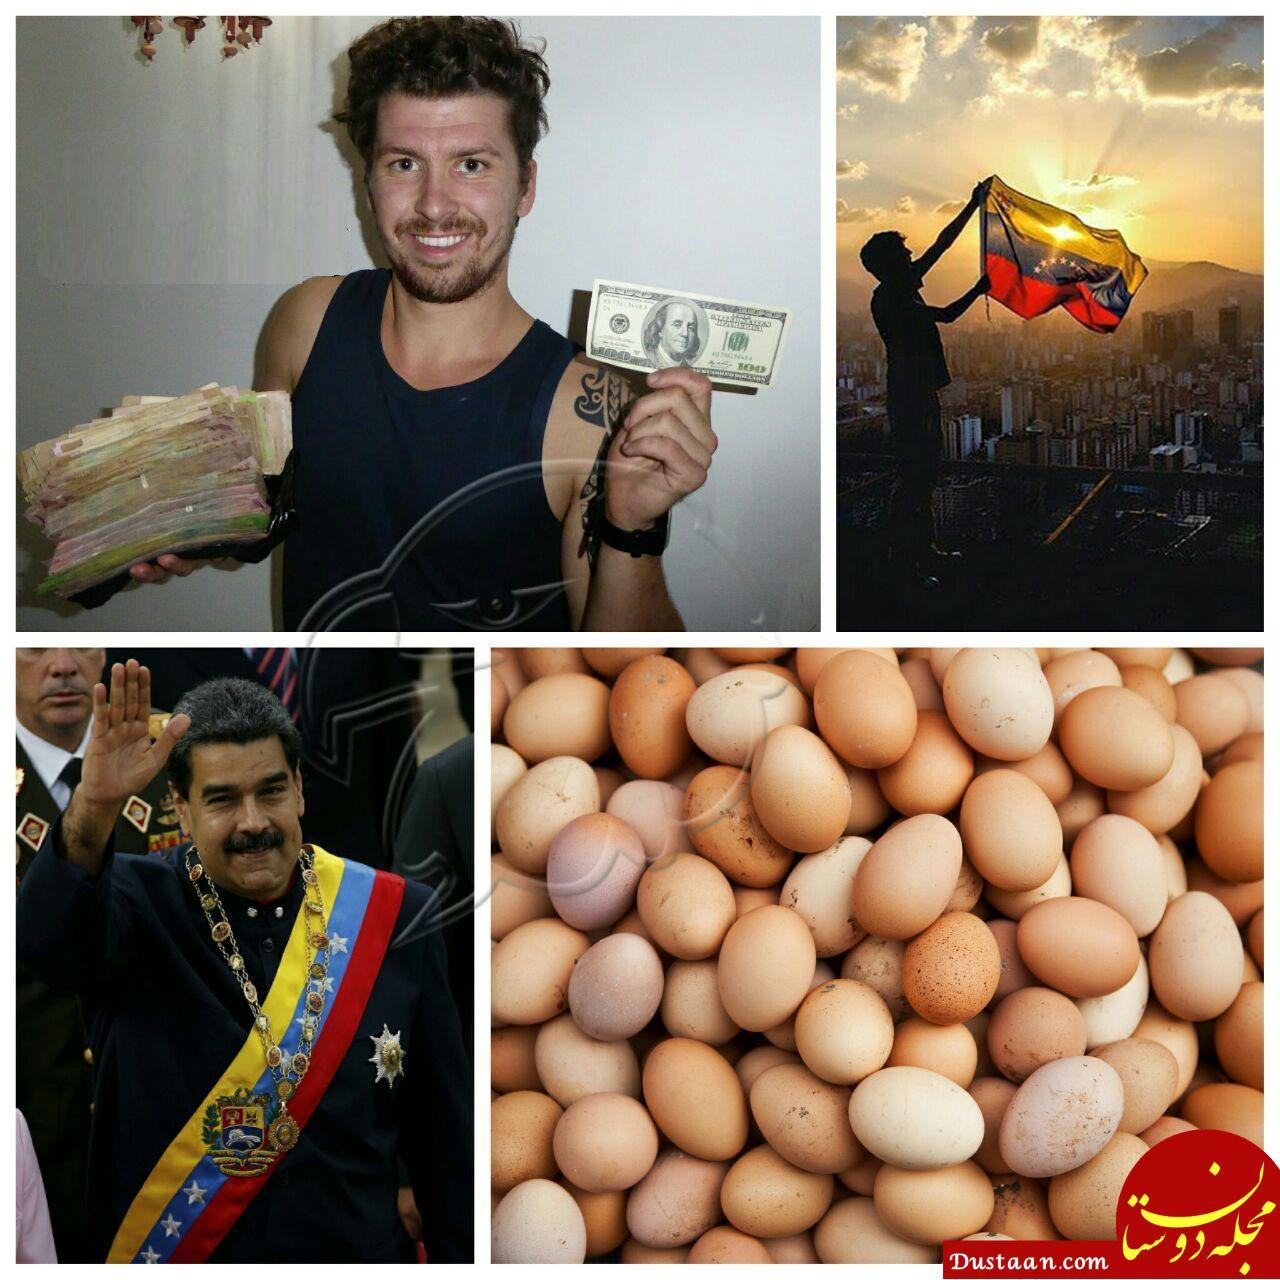 www.dustaan.com حقوق هر کارمند در ونزوئلا ماهی  144 عدد تخم مرغ! +عکس